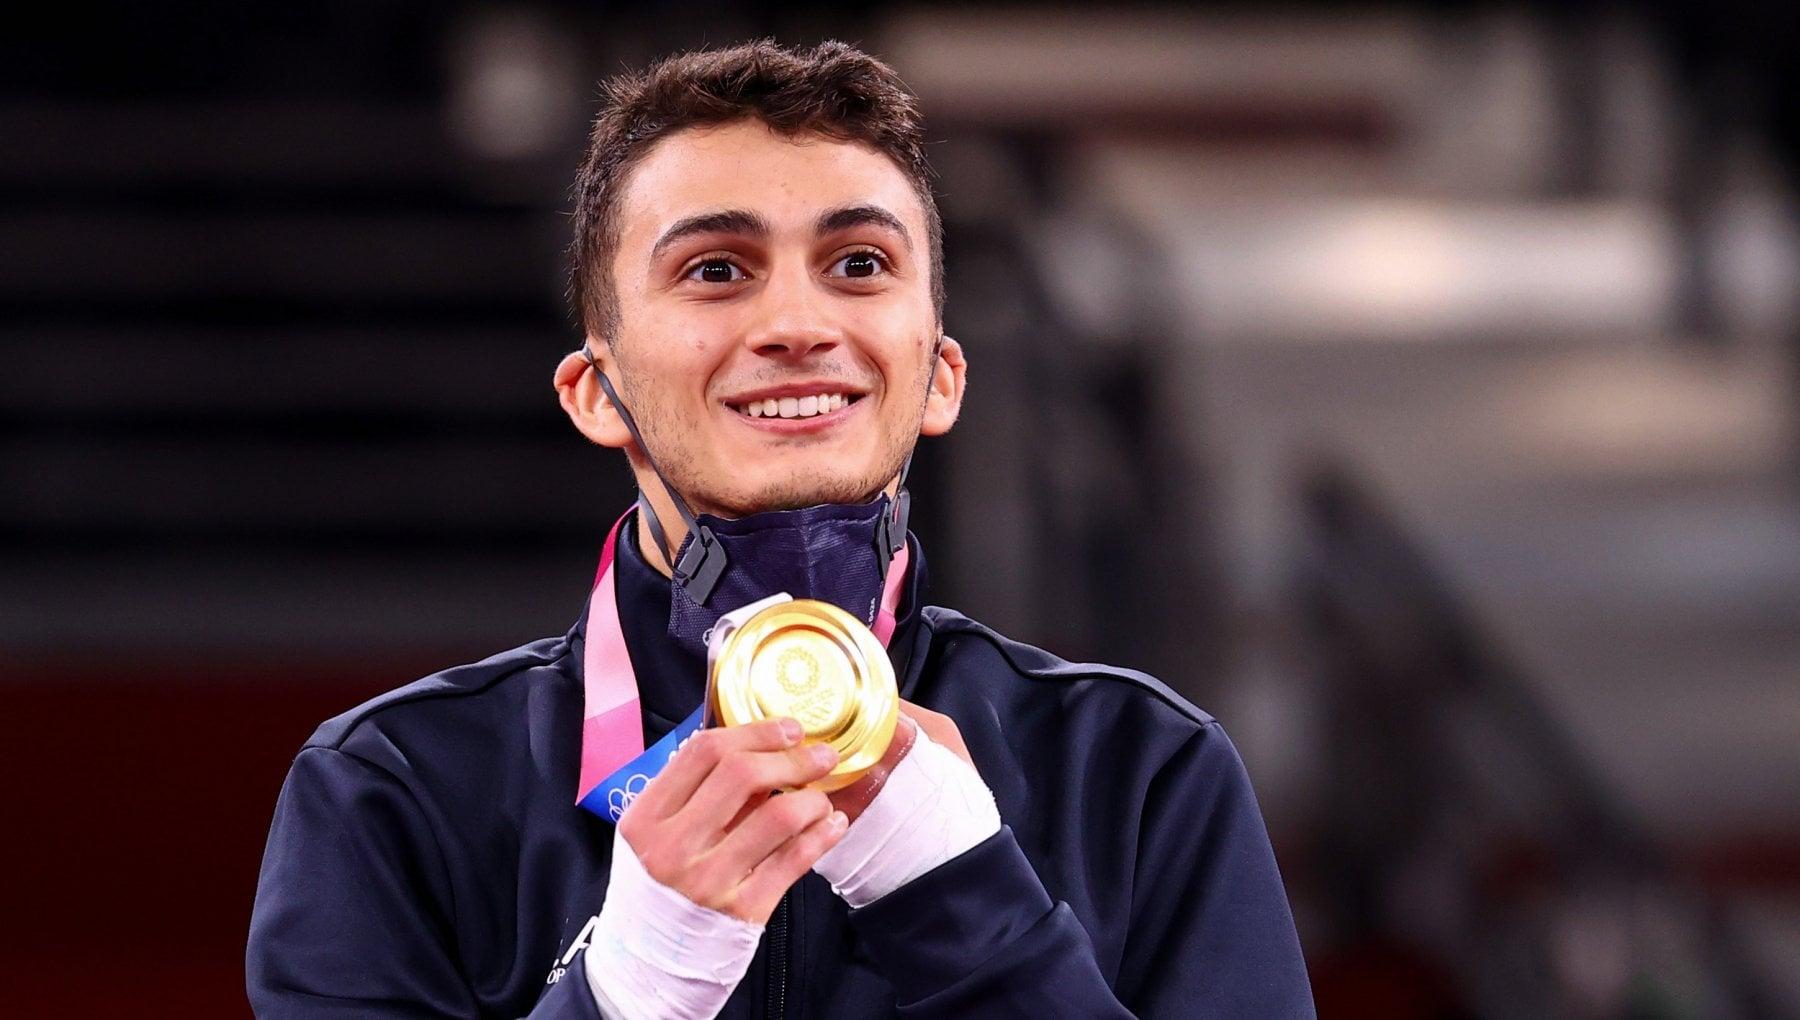 """204148026 b9823b00 ce9c 4c4d bccd c20a1c1be601 - Olimpiadi, Dell'Aquila: """"Il vaccino mi ha regalato due sogni: la libertà e l'oro a Tokyo"""""""